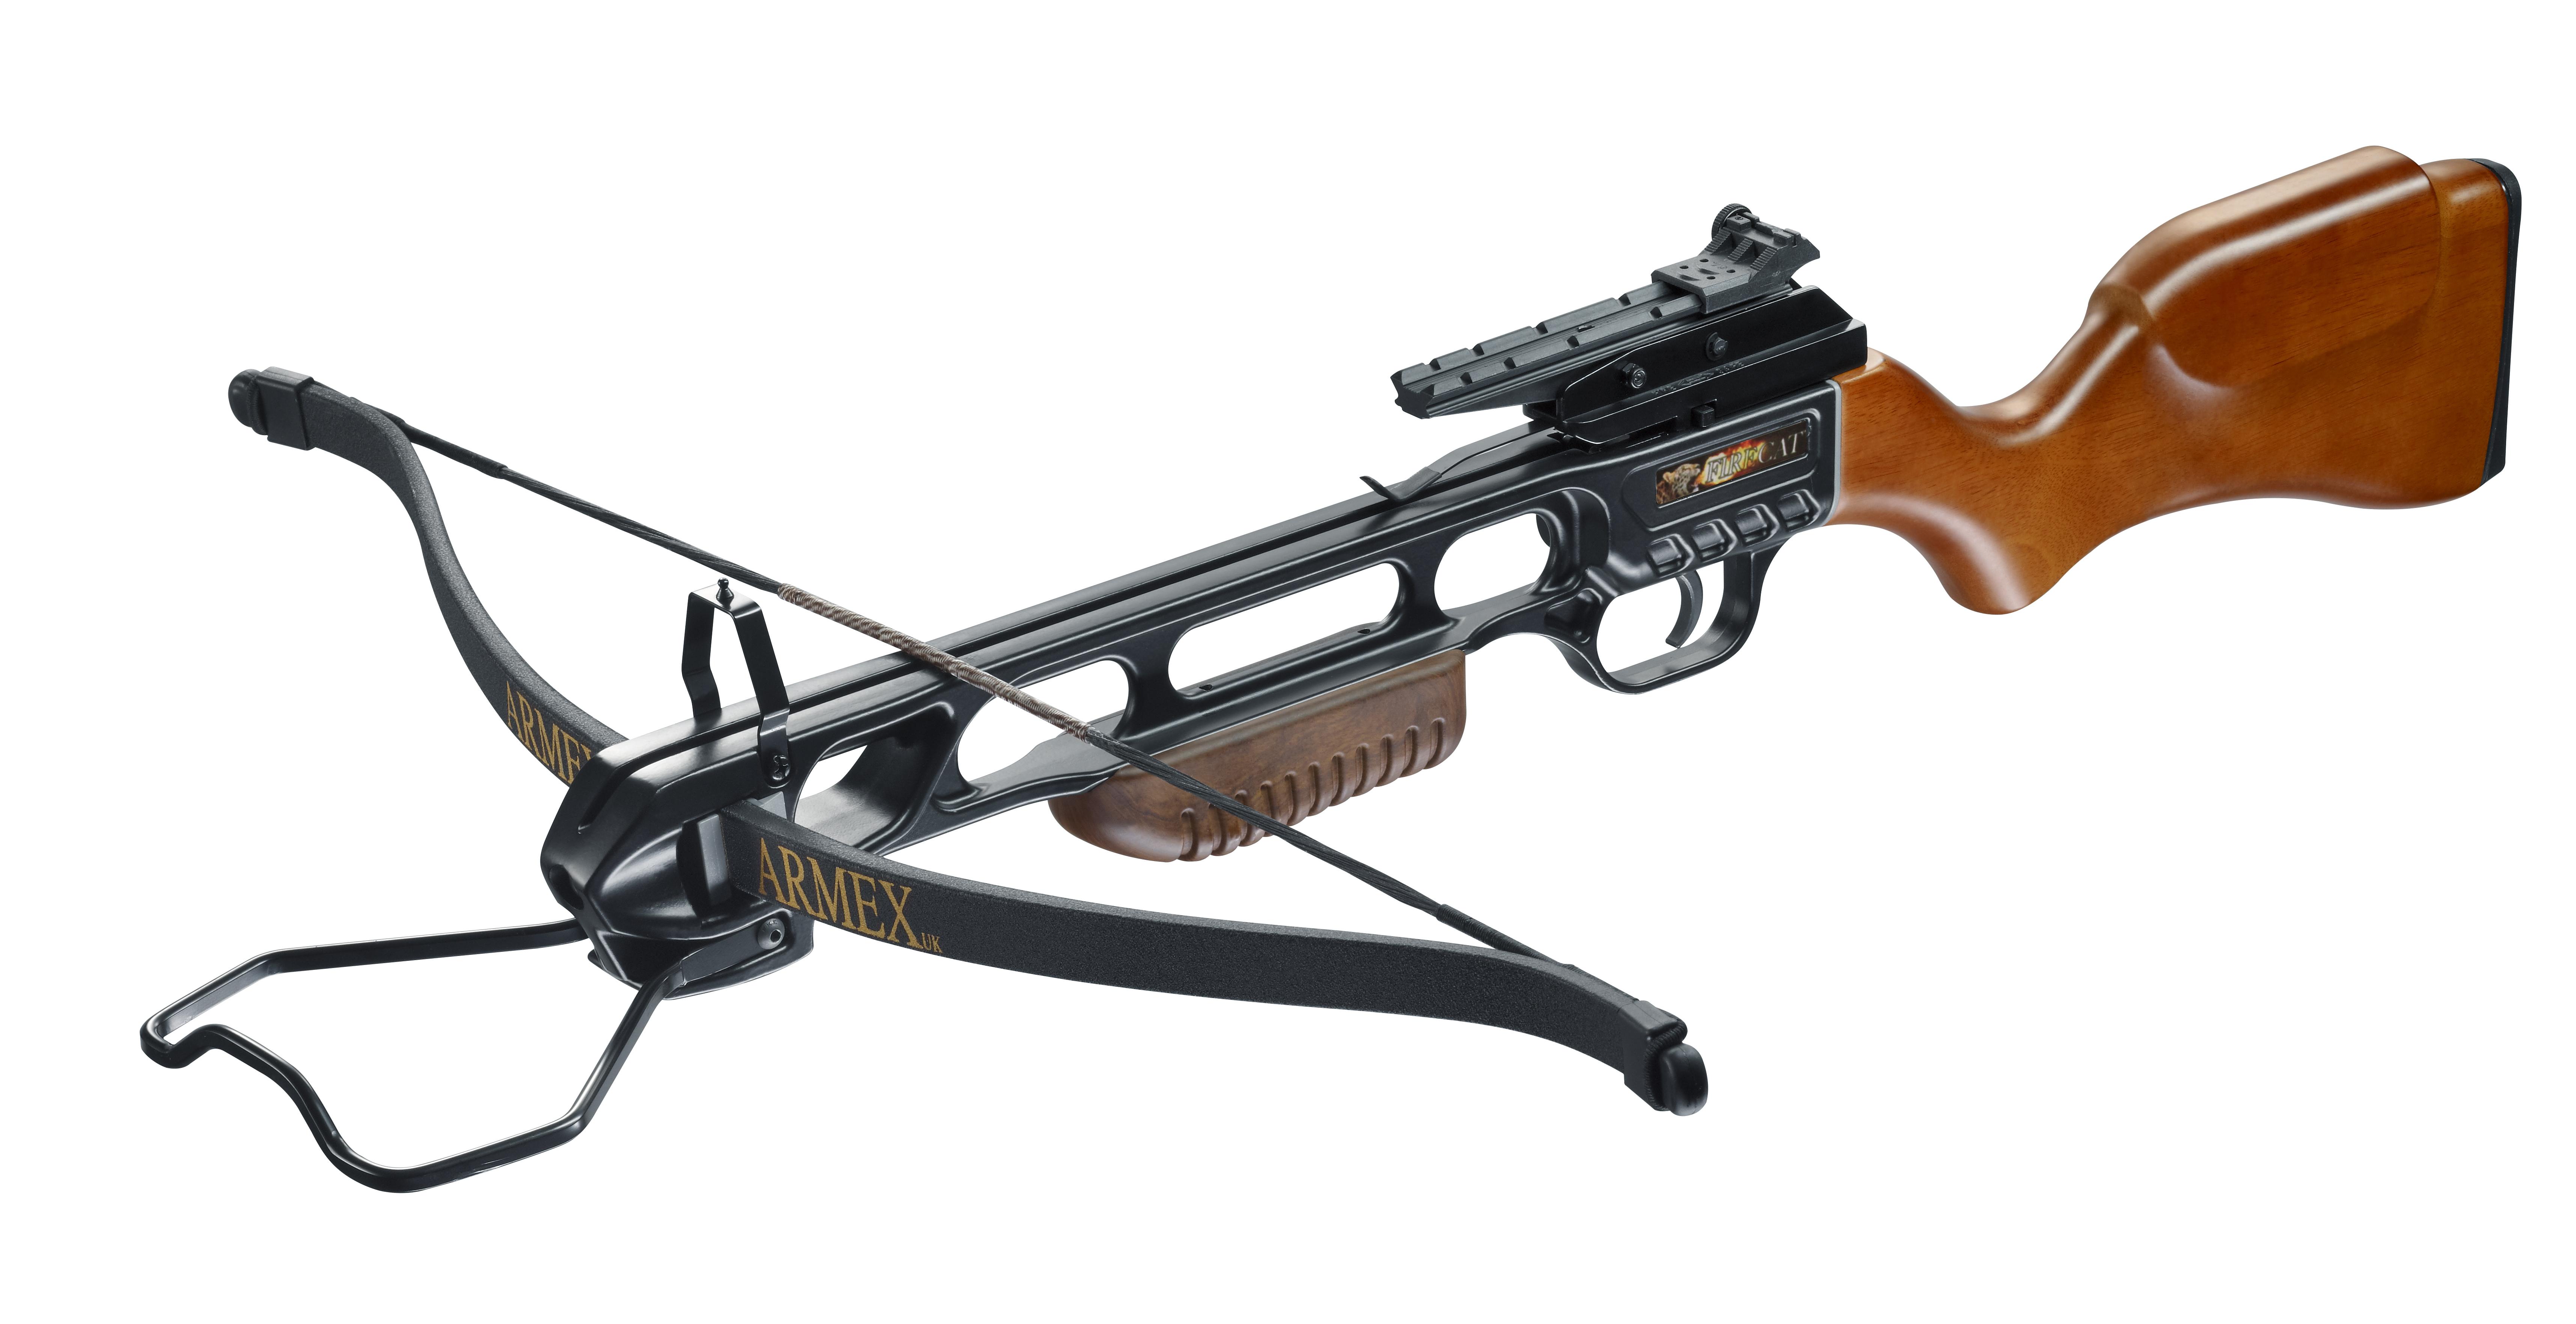 Firecat Recurve Armbrust